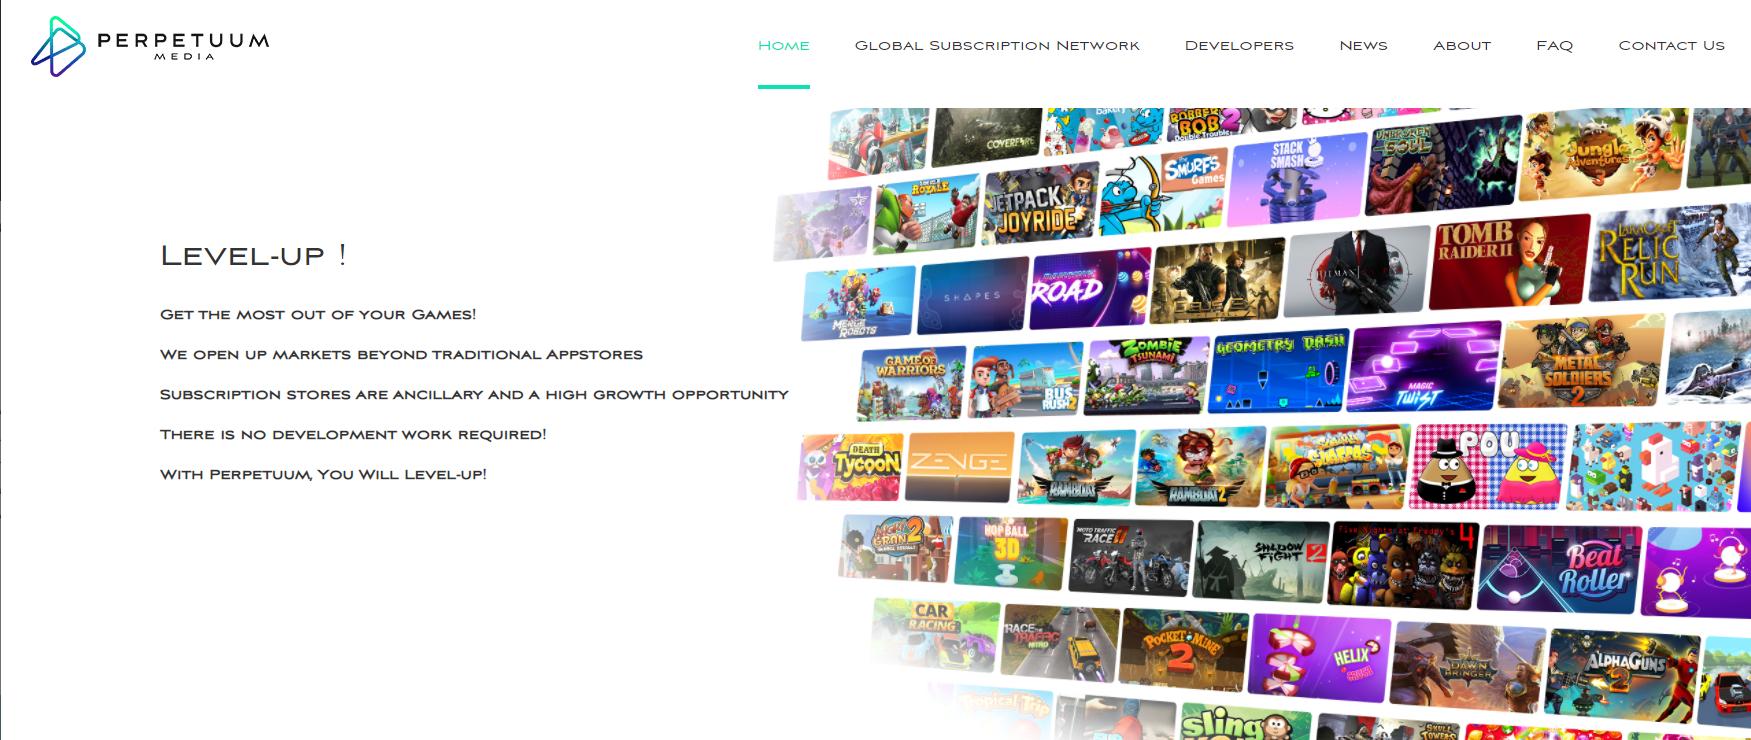 Perpetuum Media games logo